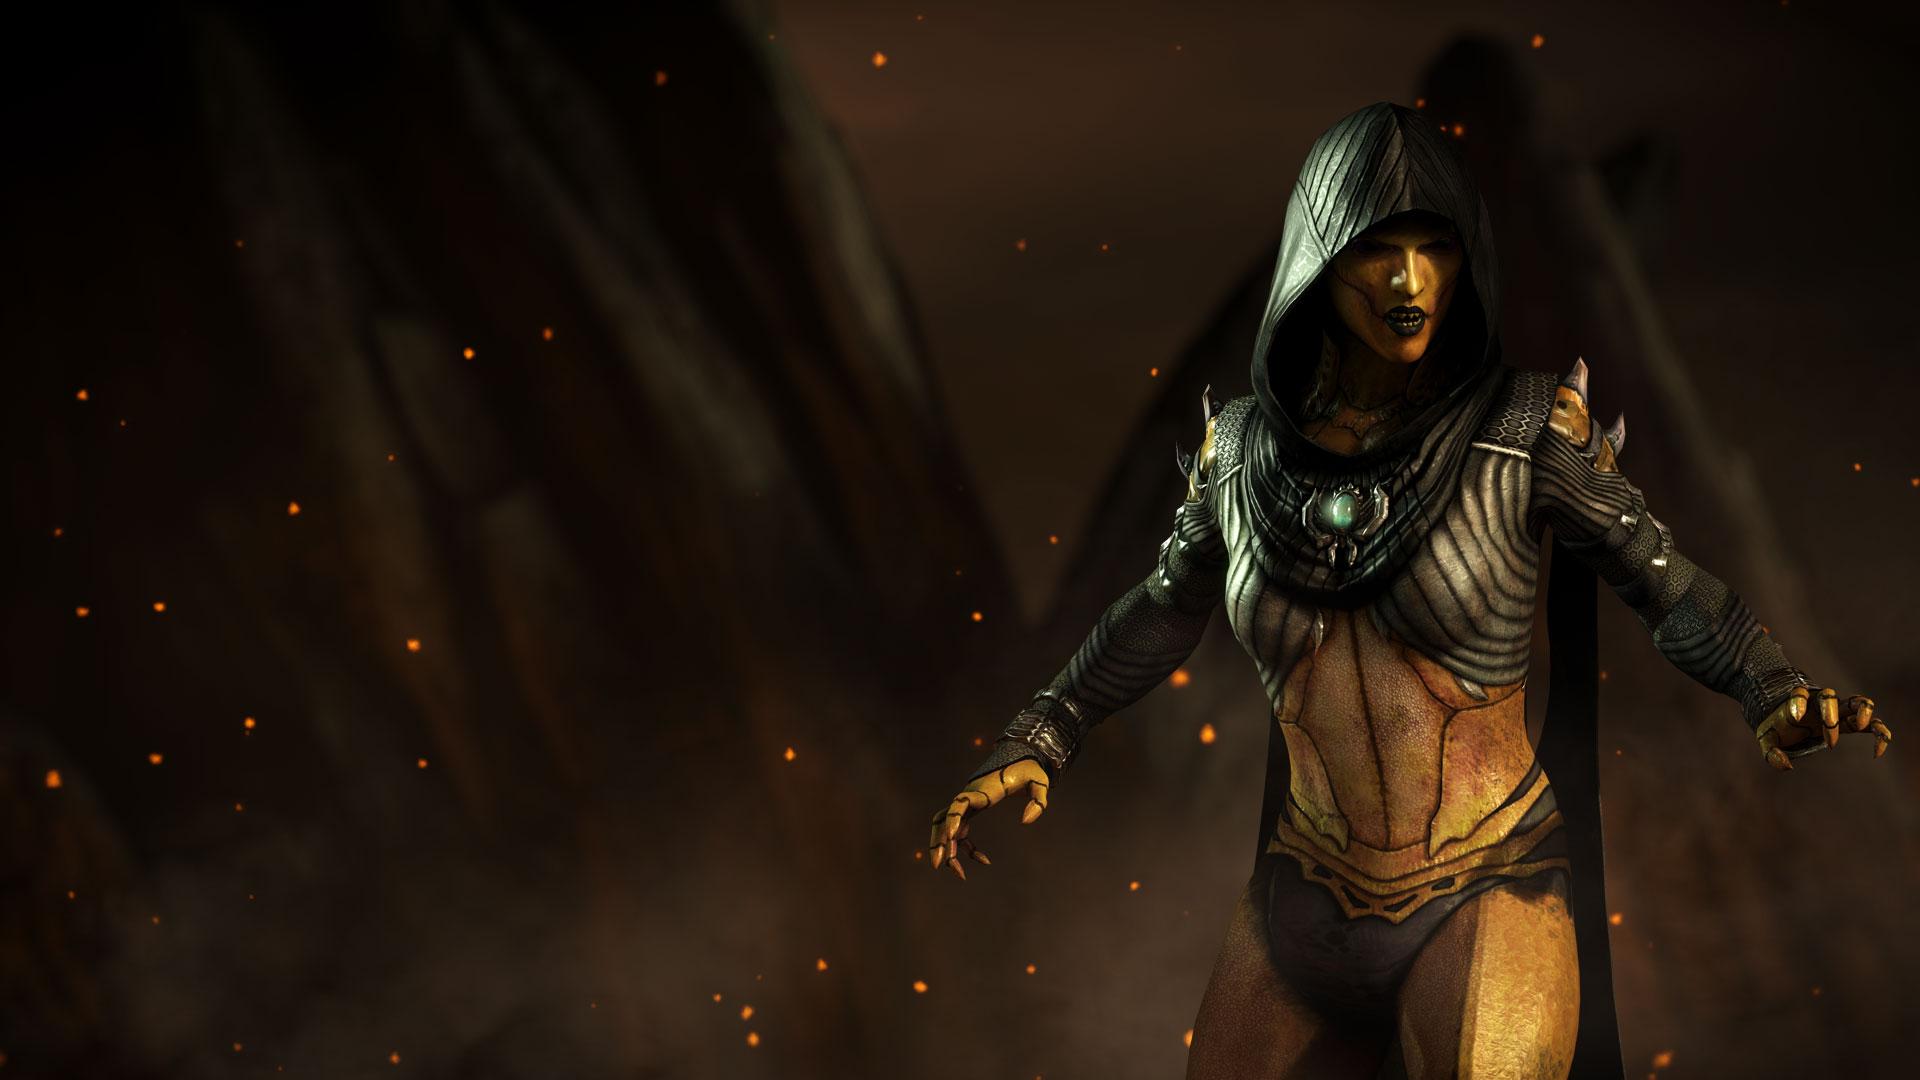 Mortal Kombat X Character D'Vorah